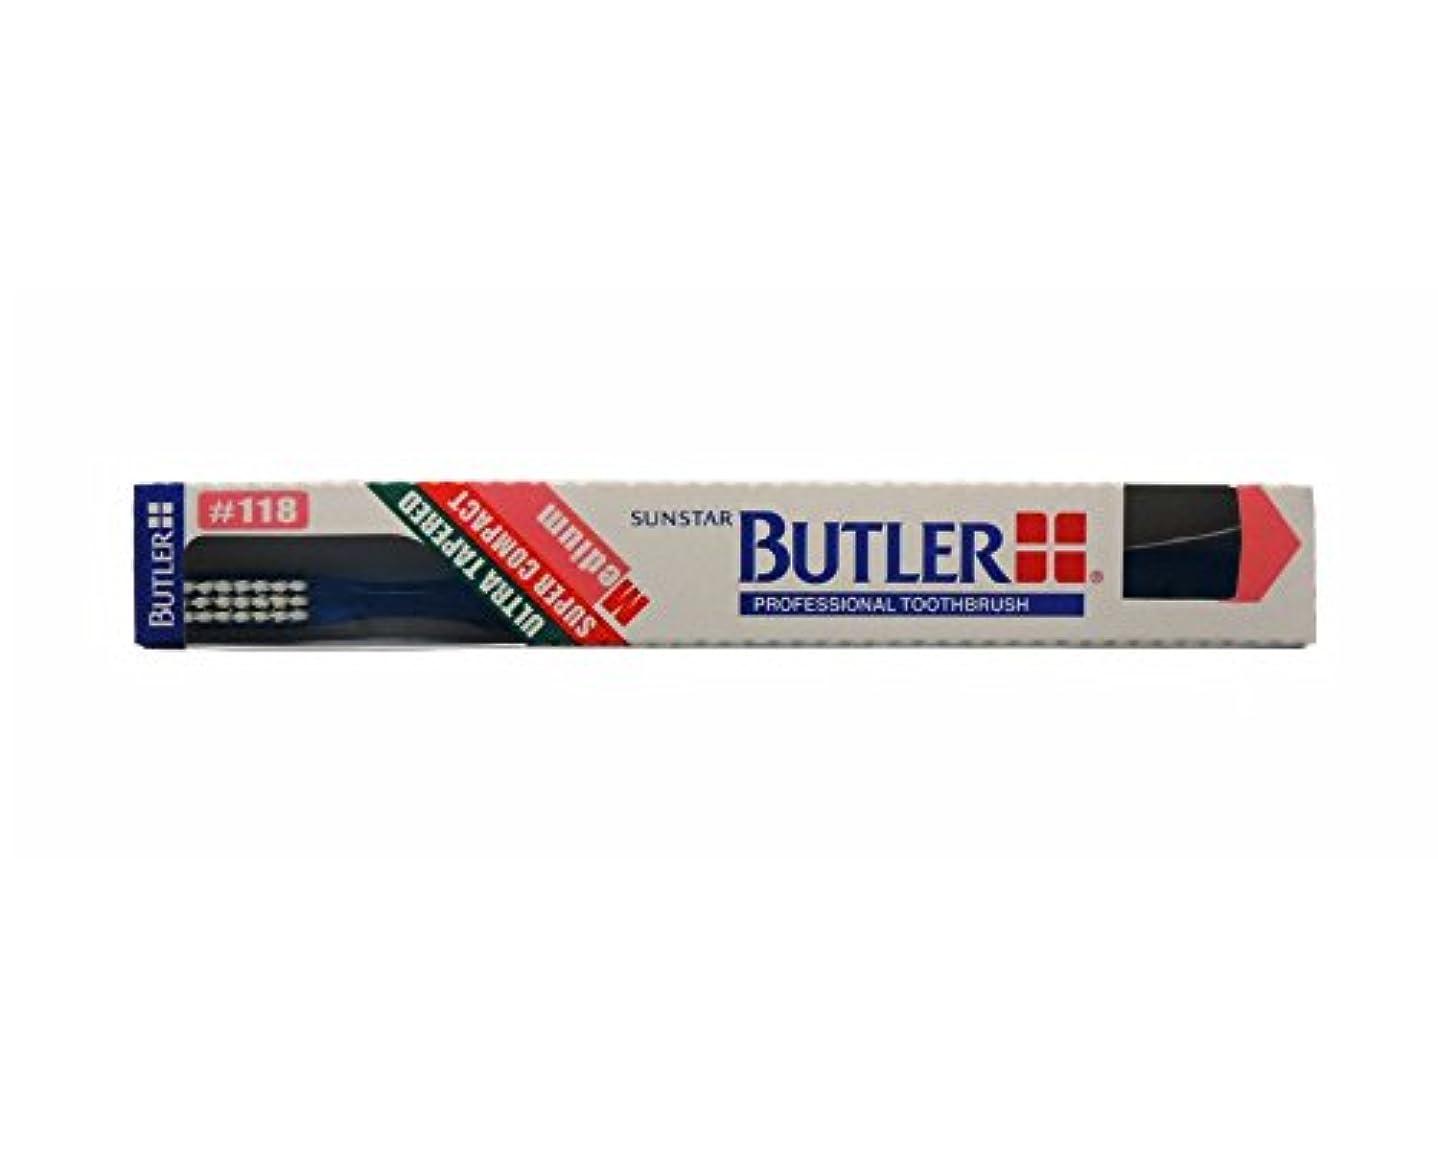 血色の良い革命的ヒョウバトラー 歯ブラシ 1本 #118 ブルー